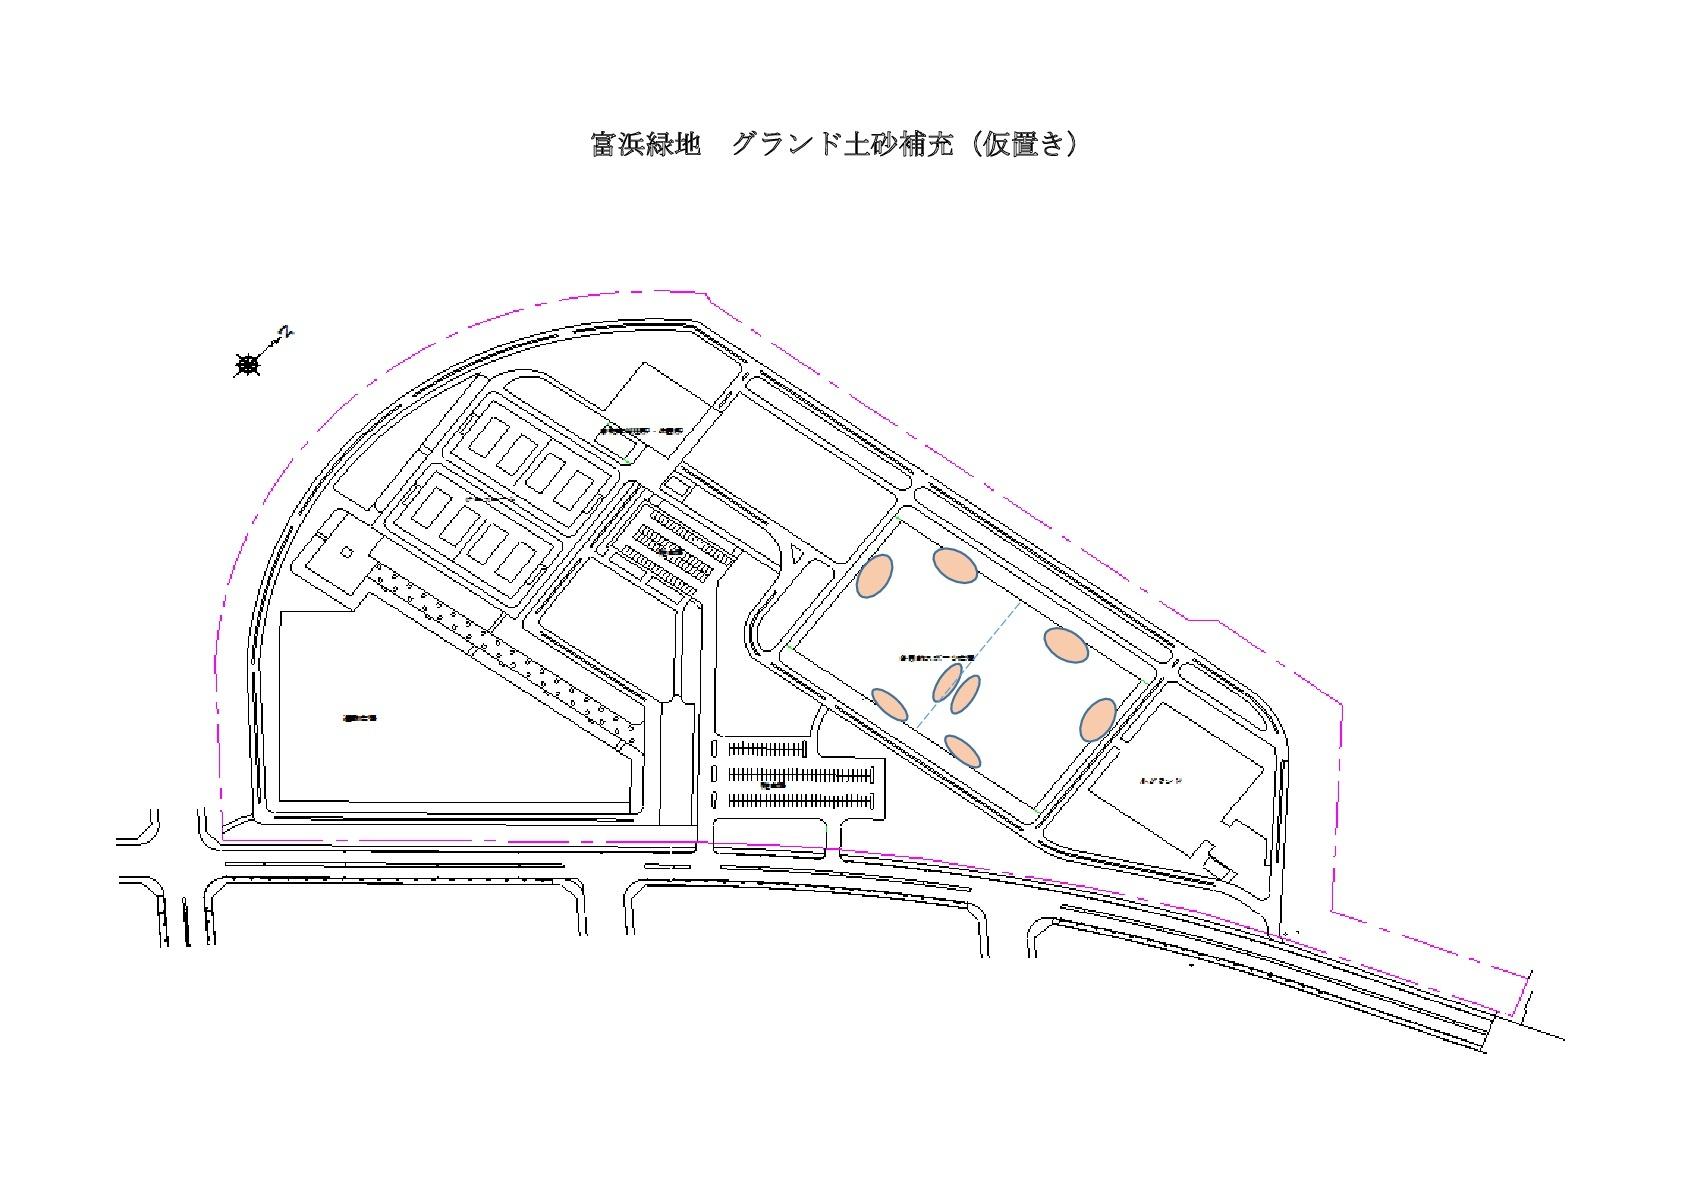 臨港緑地 野球場・運動広場の土補充について_d0338682_14385985.jpg